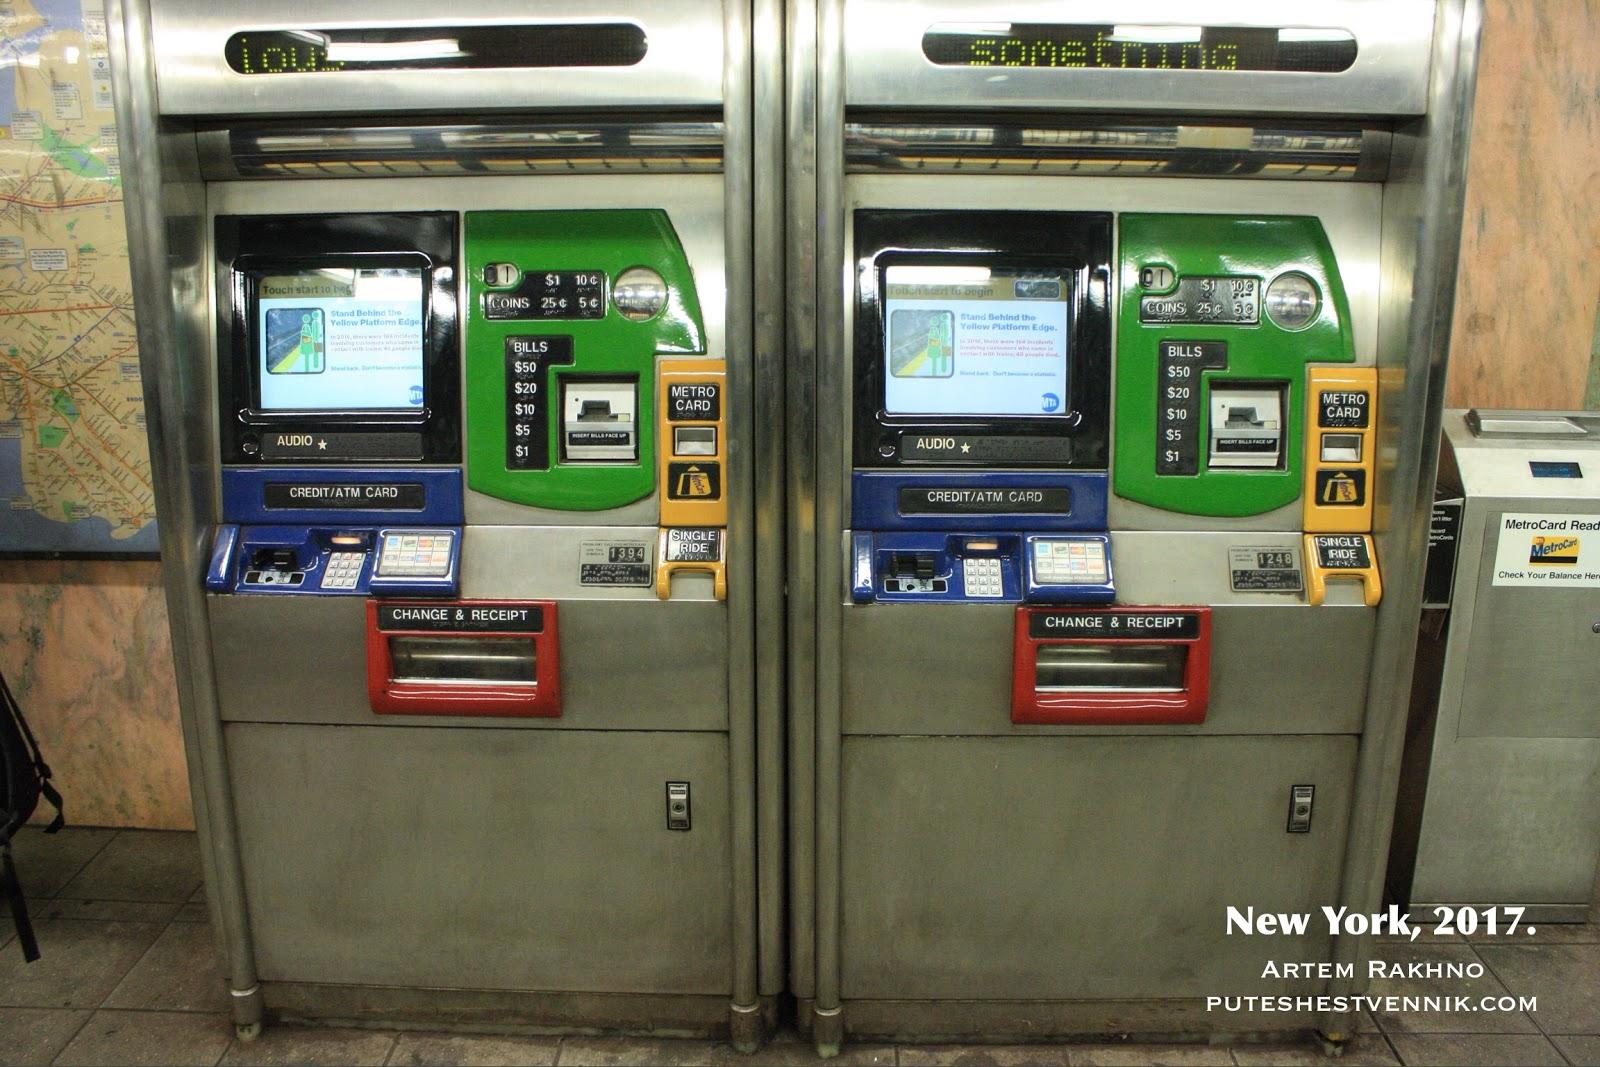 Аппарат оплаты проезда в метро Нью-Йорка